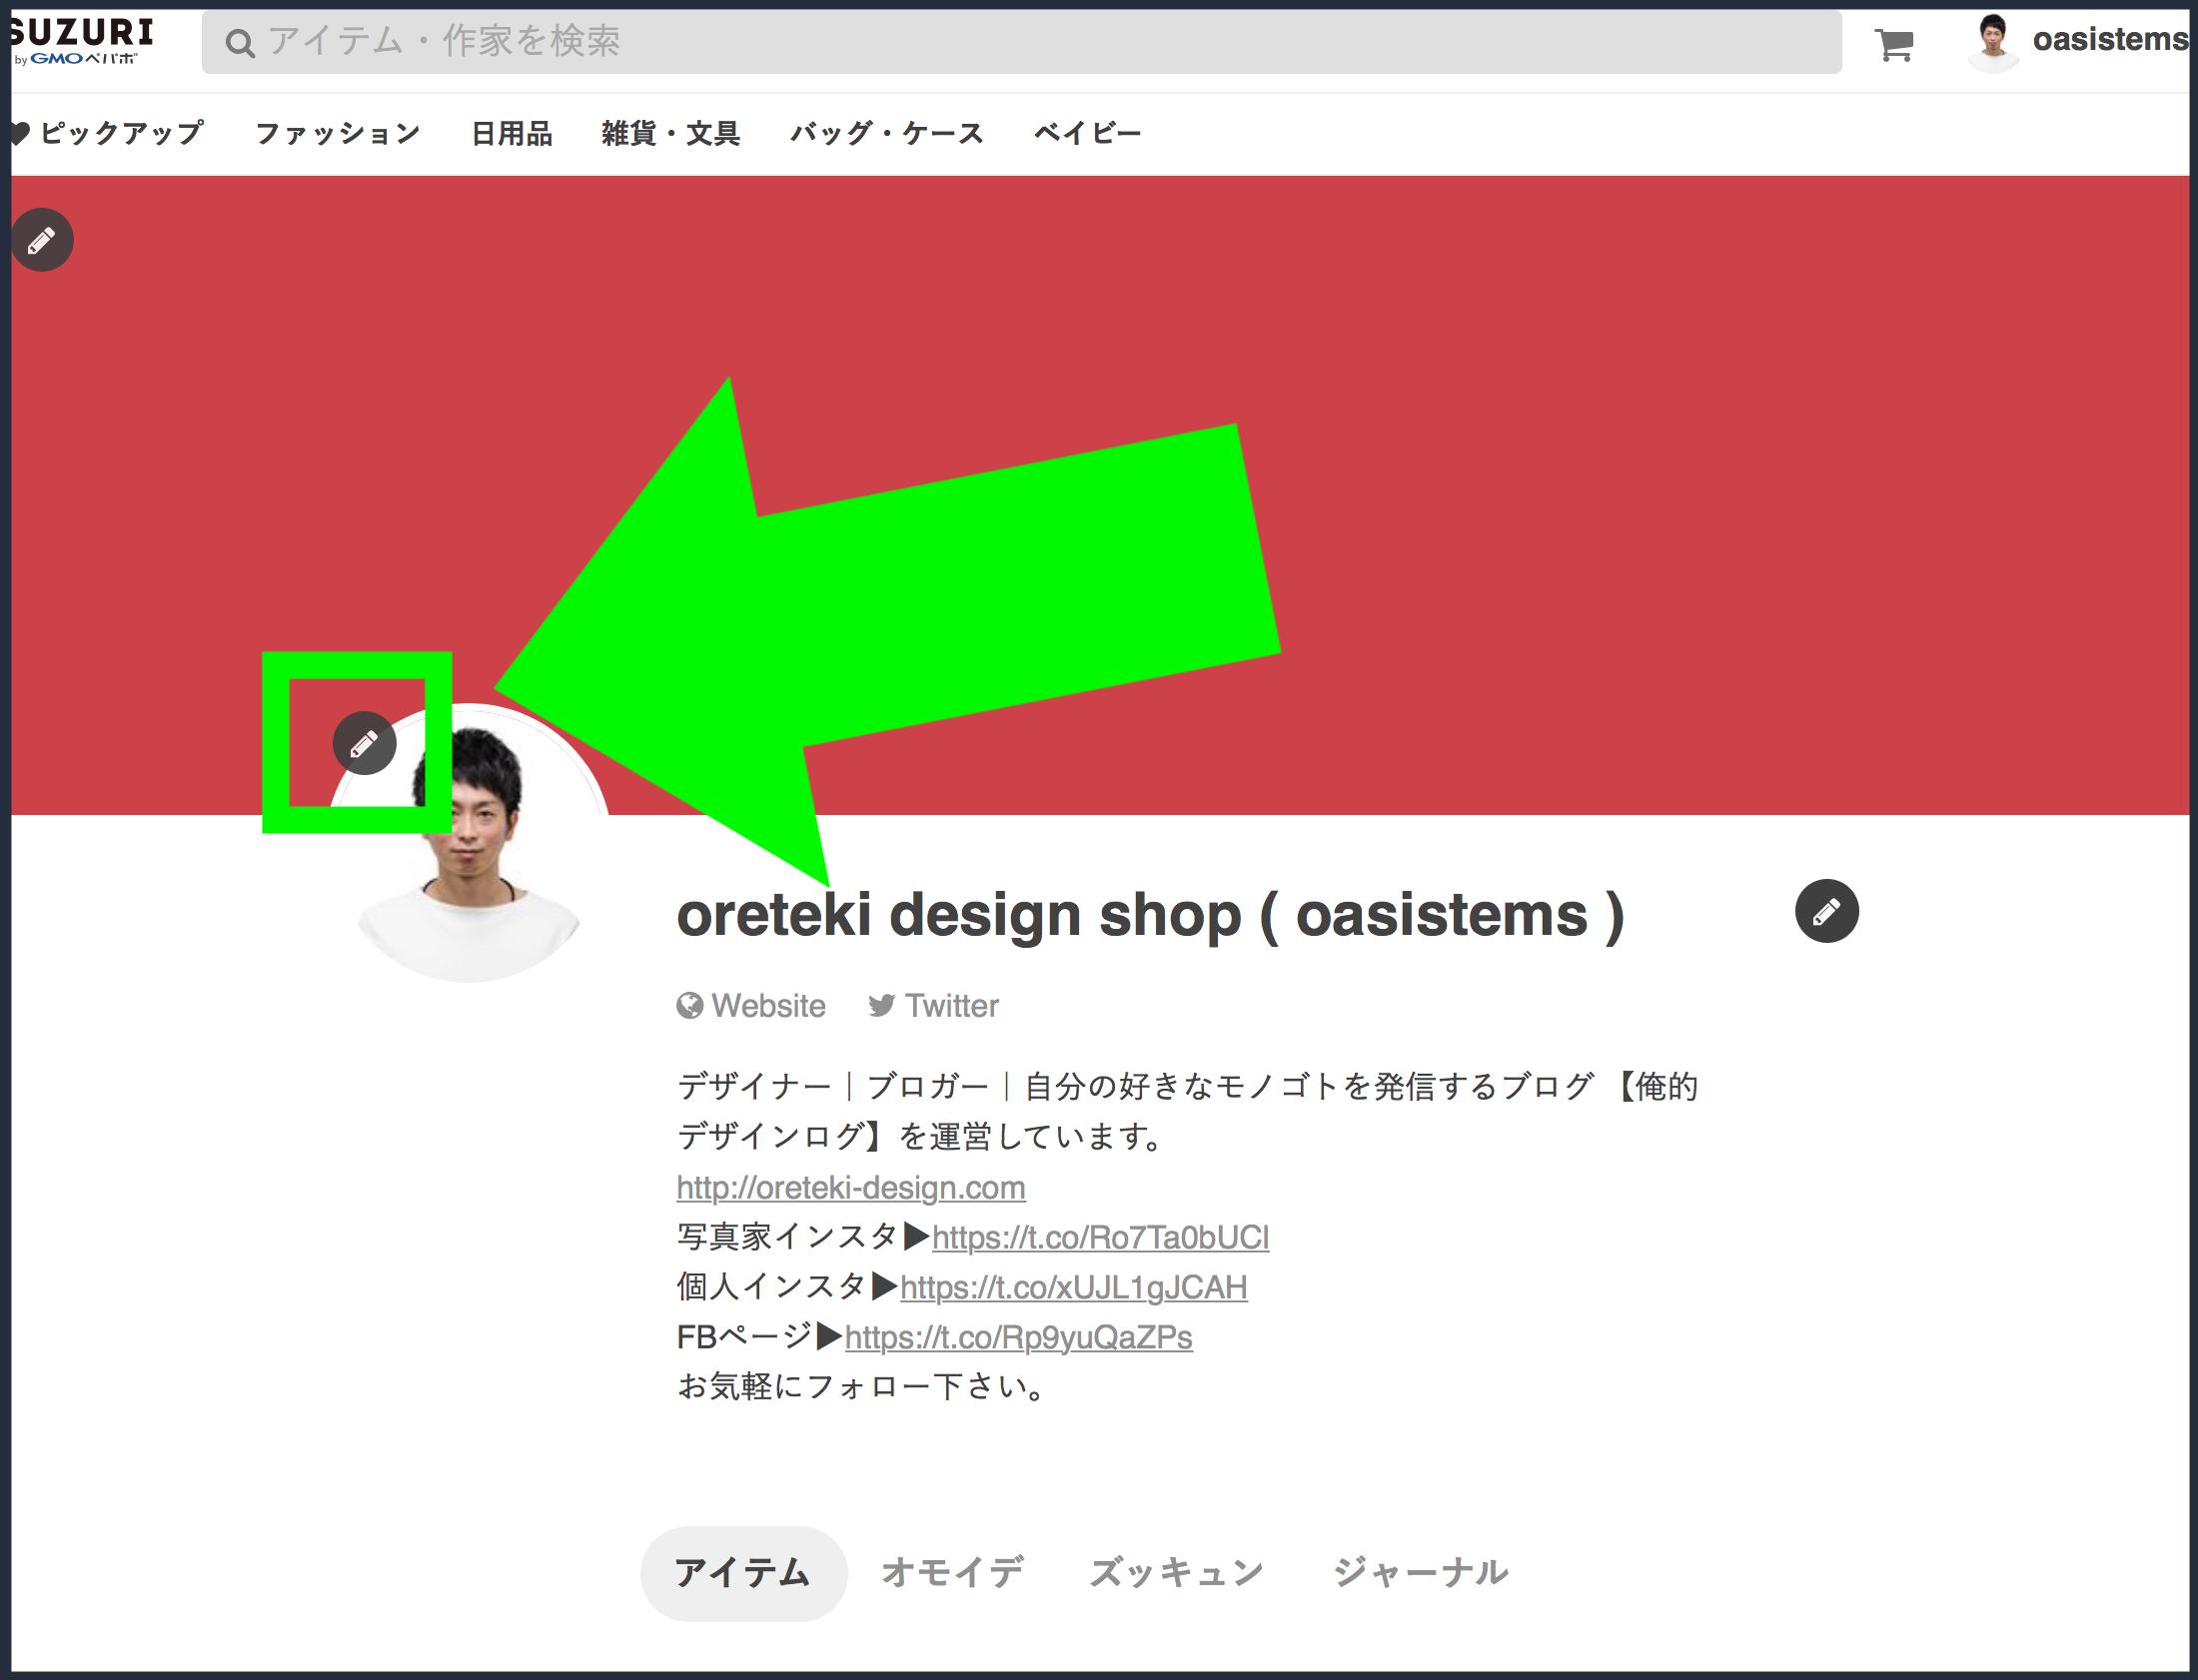 SUZURIアイコン設定方法の画像